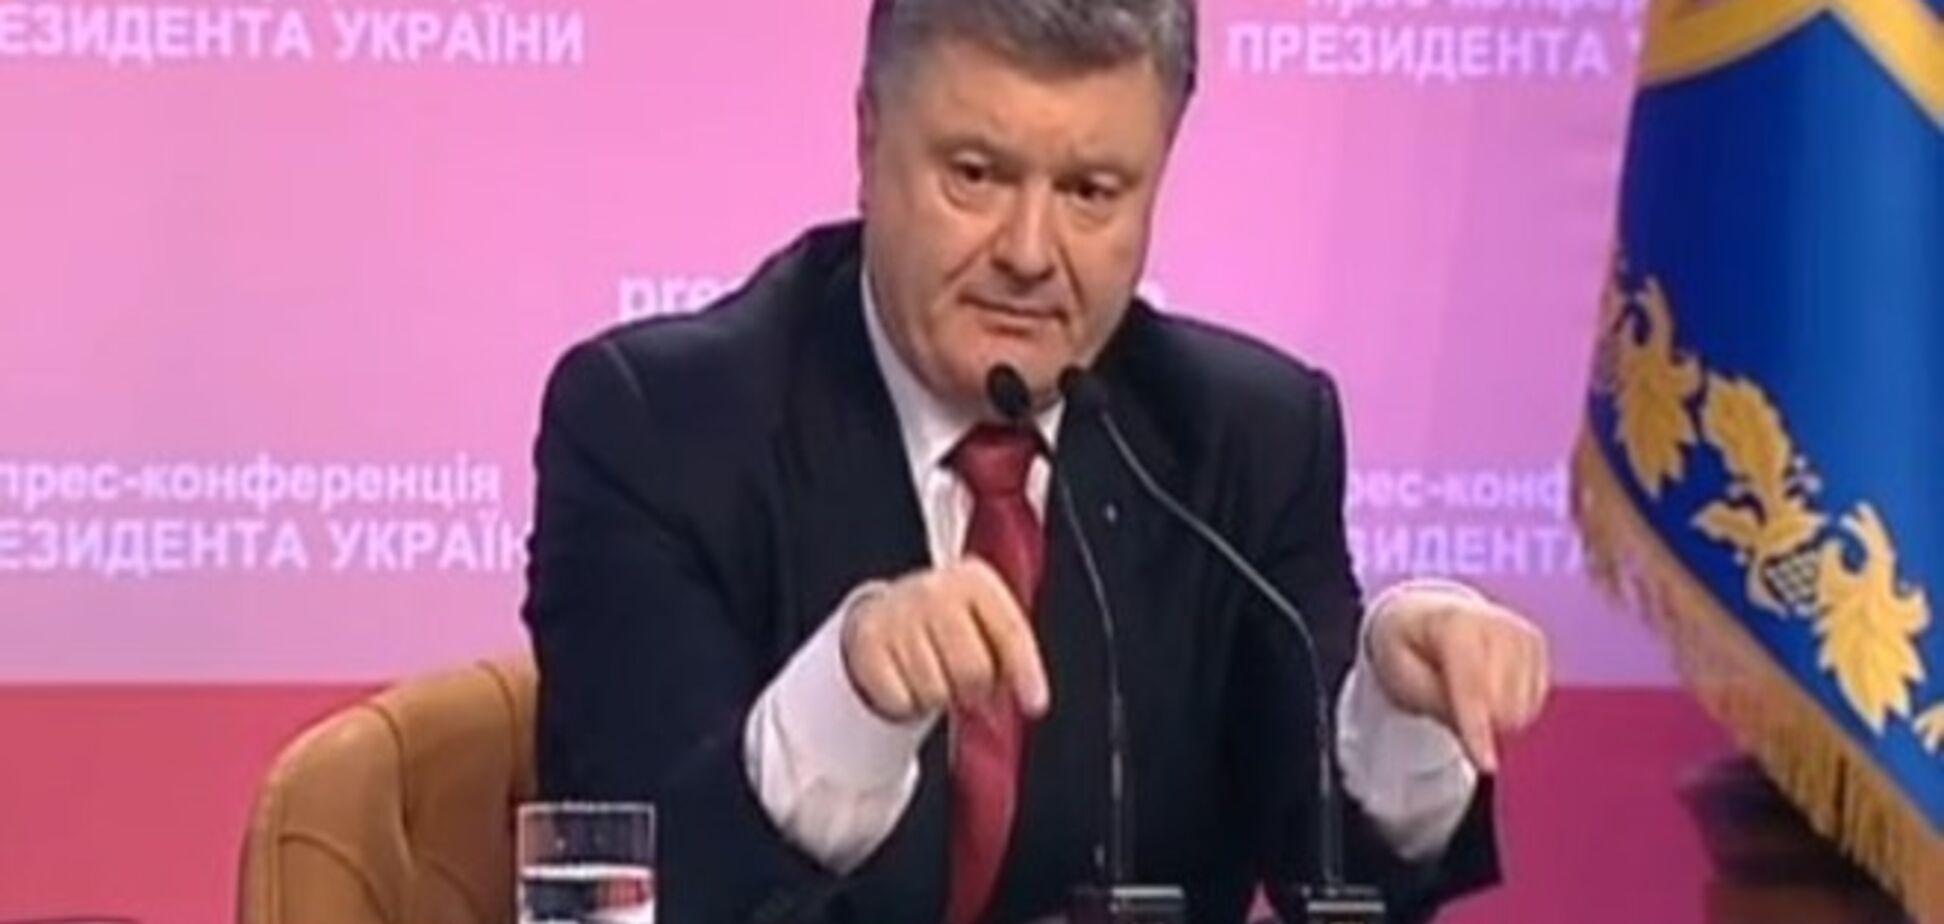 Немає ніякої блокади Криму - Порошенко